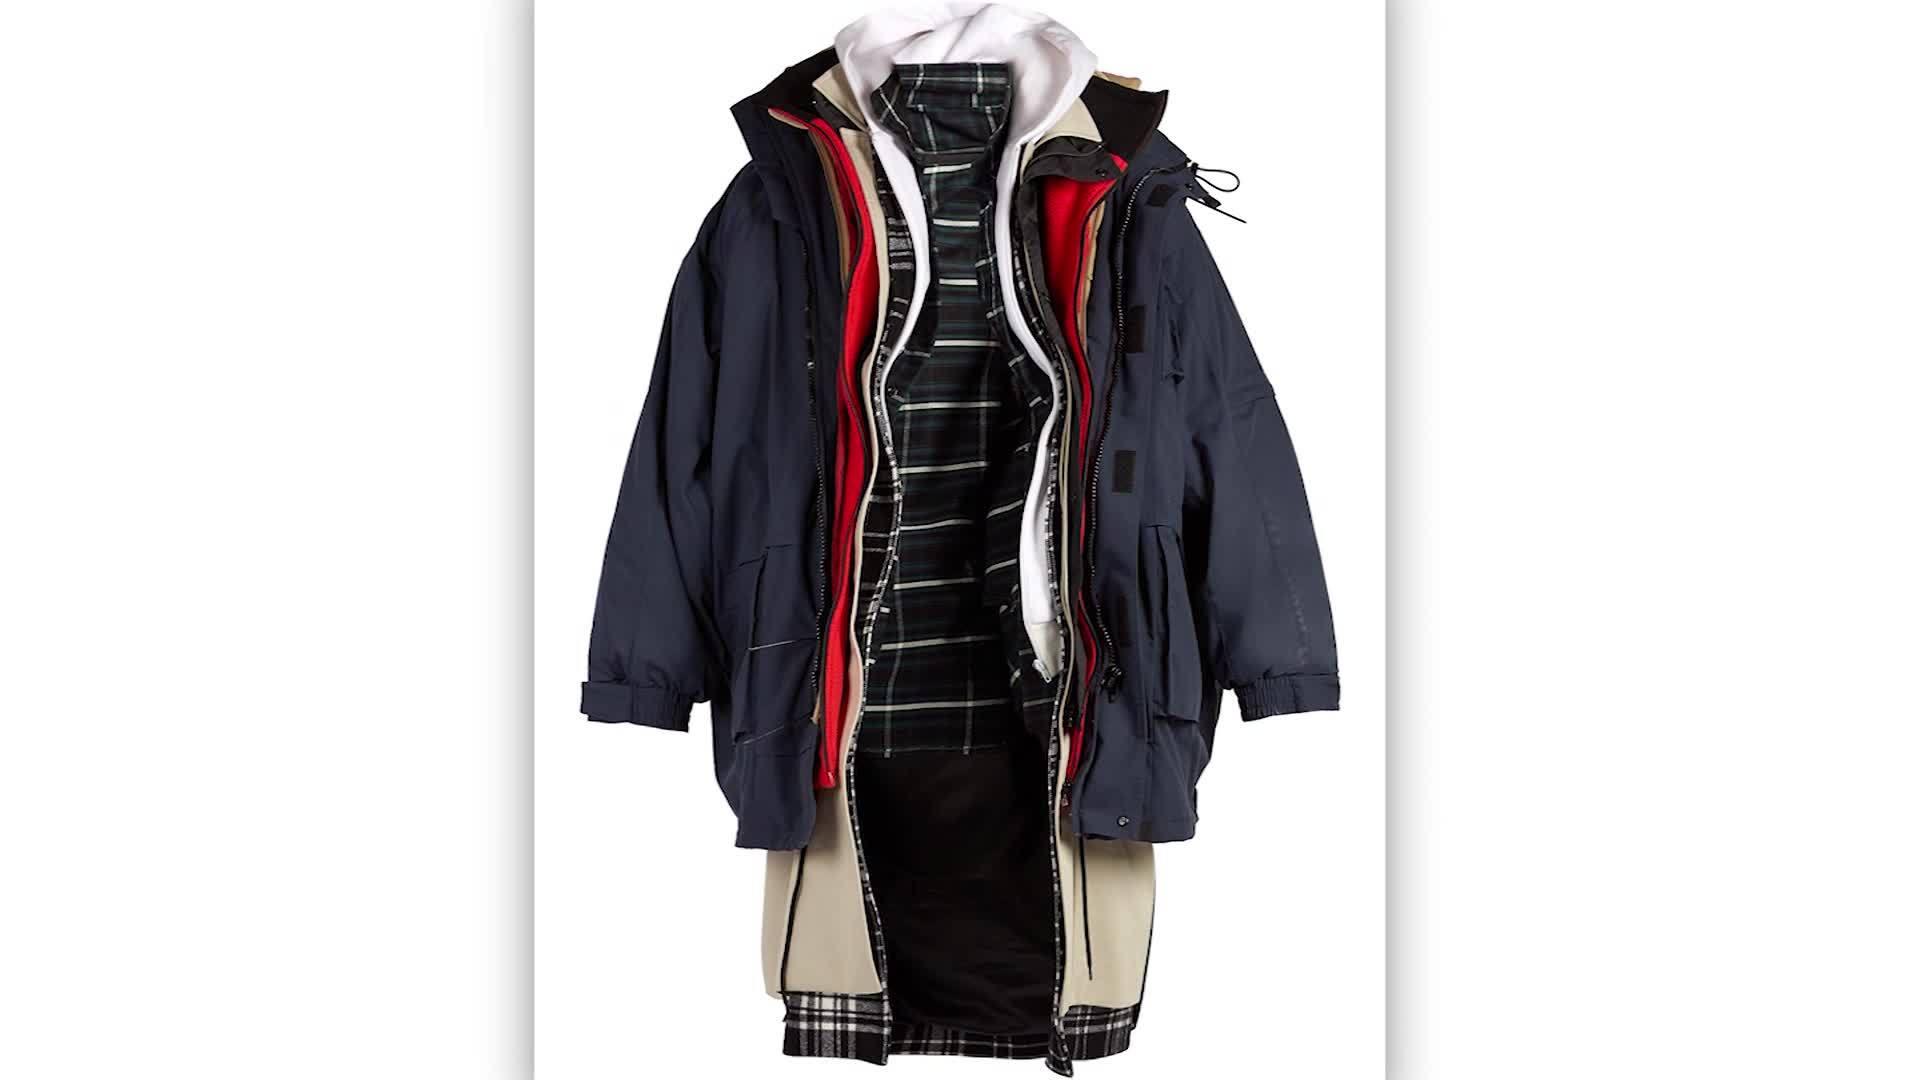 Balenciaga selling 7-layer jacket for $9,000